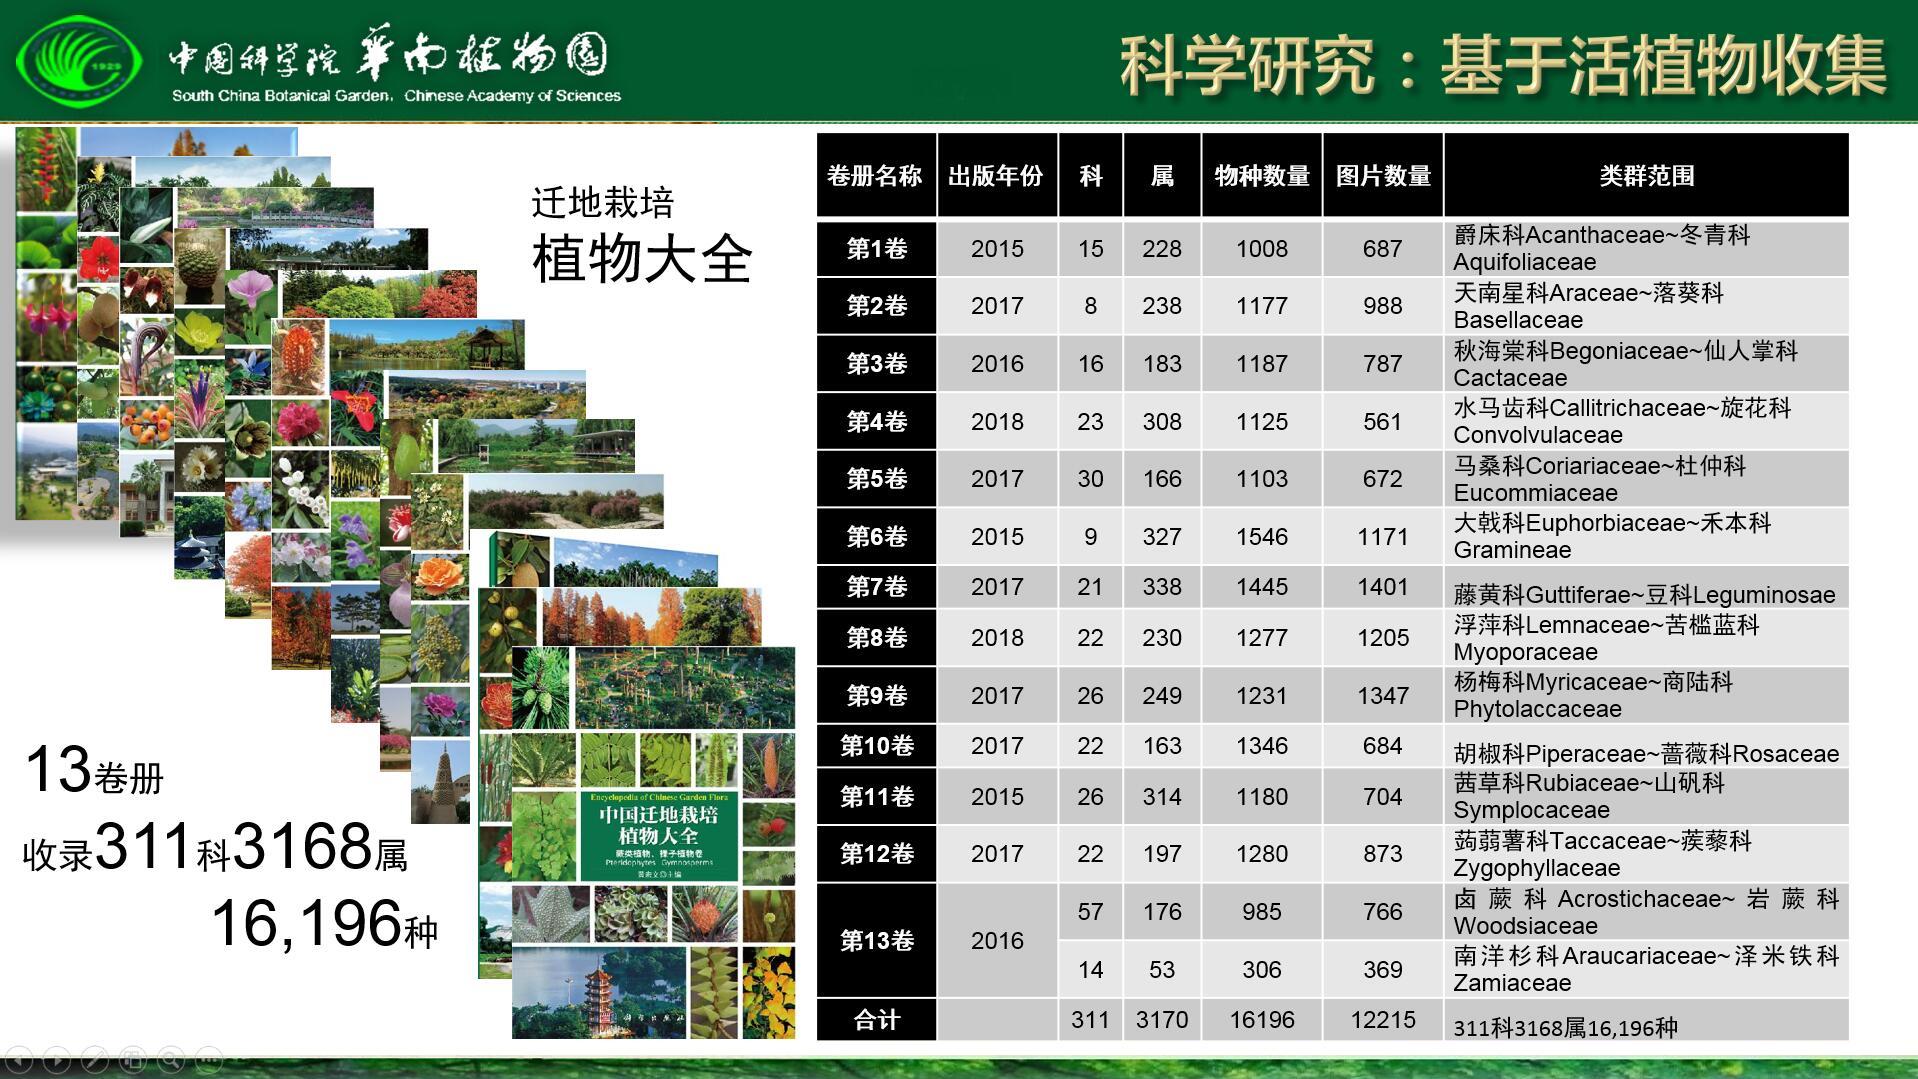 图7-3 中国迁地栽培植物大全.jpg